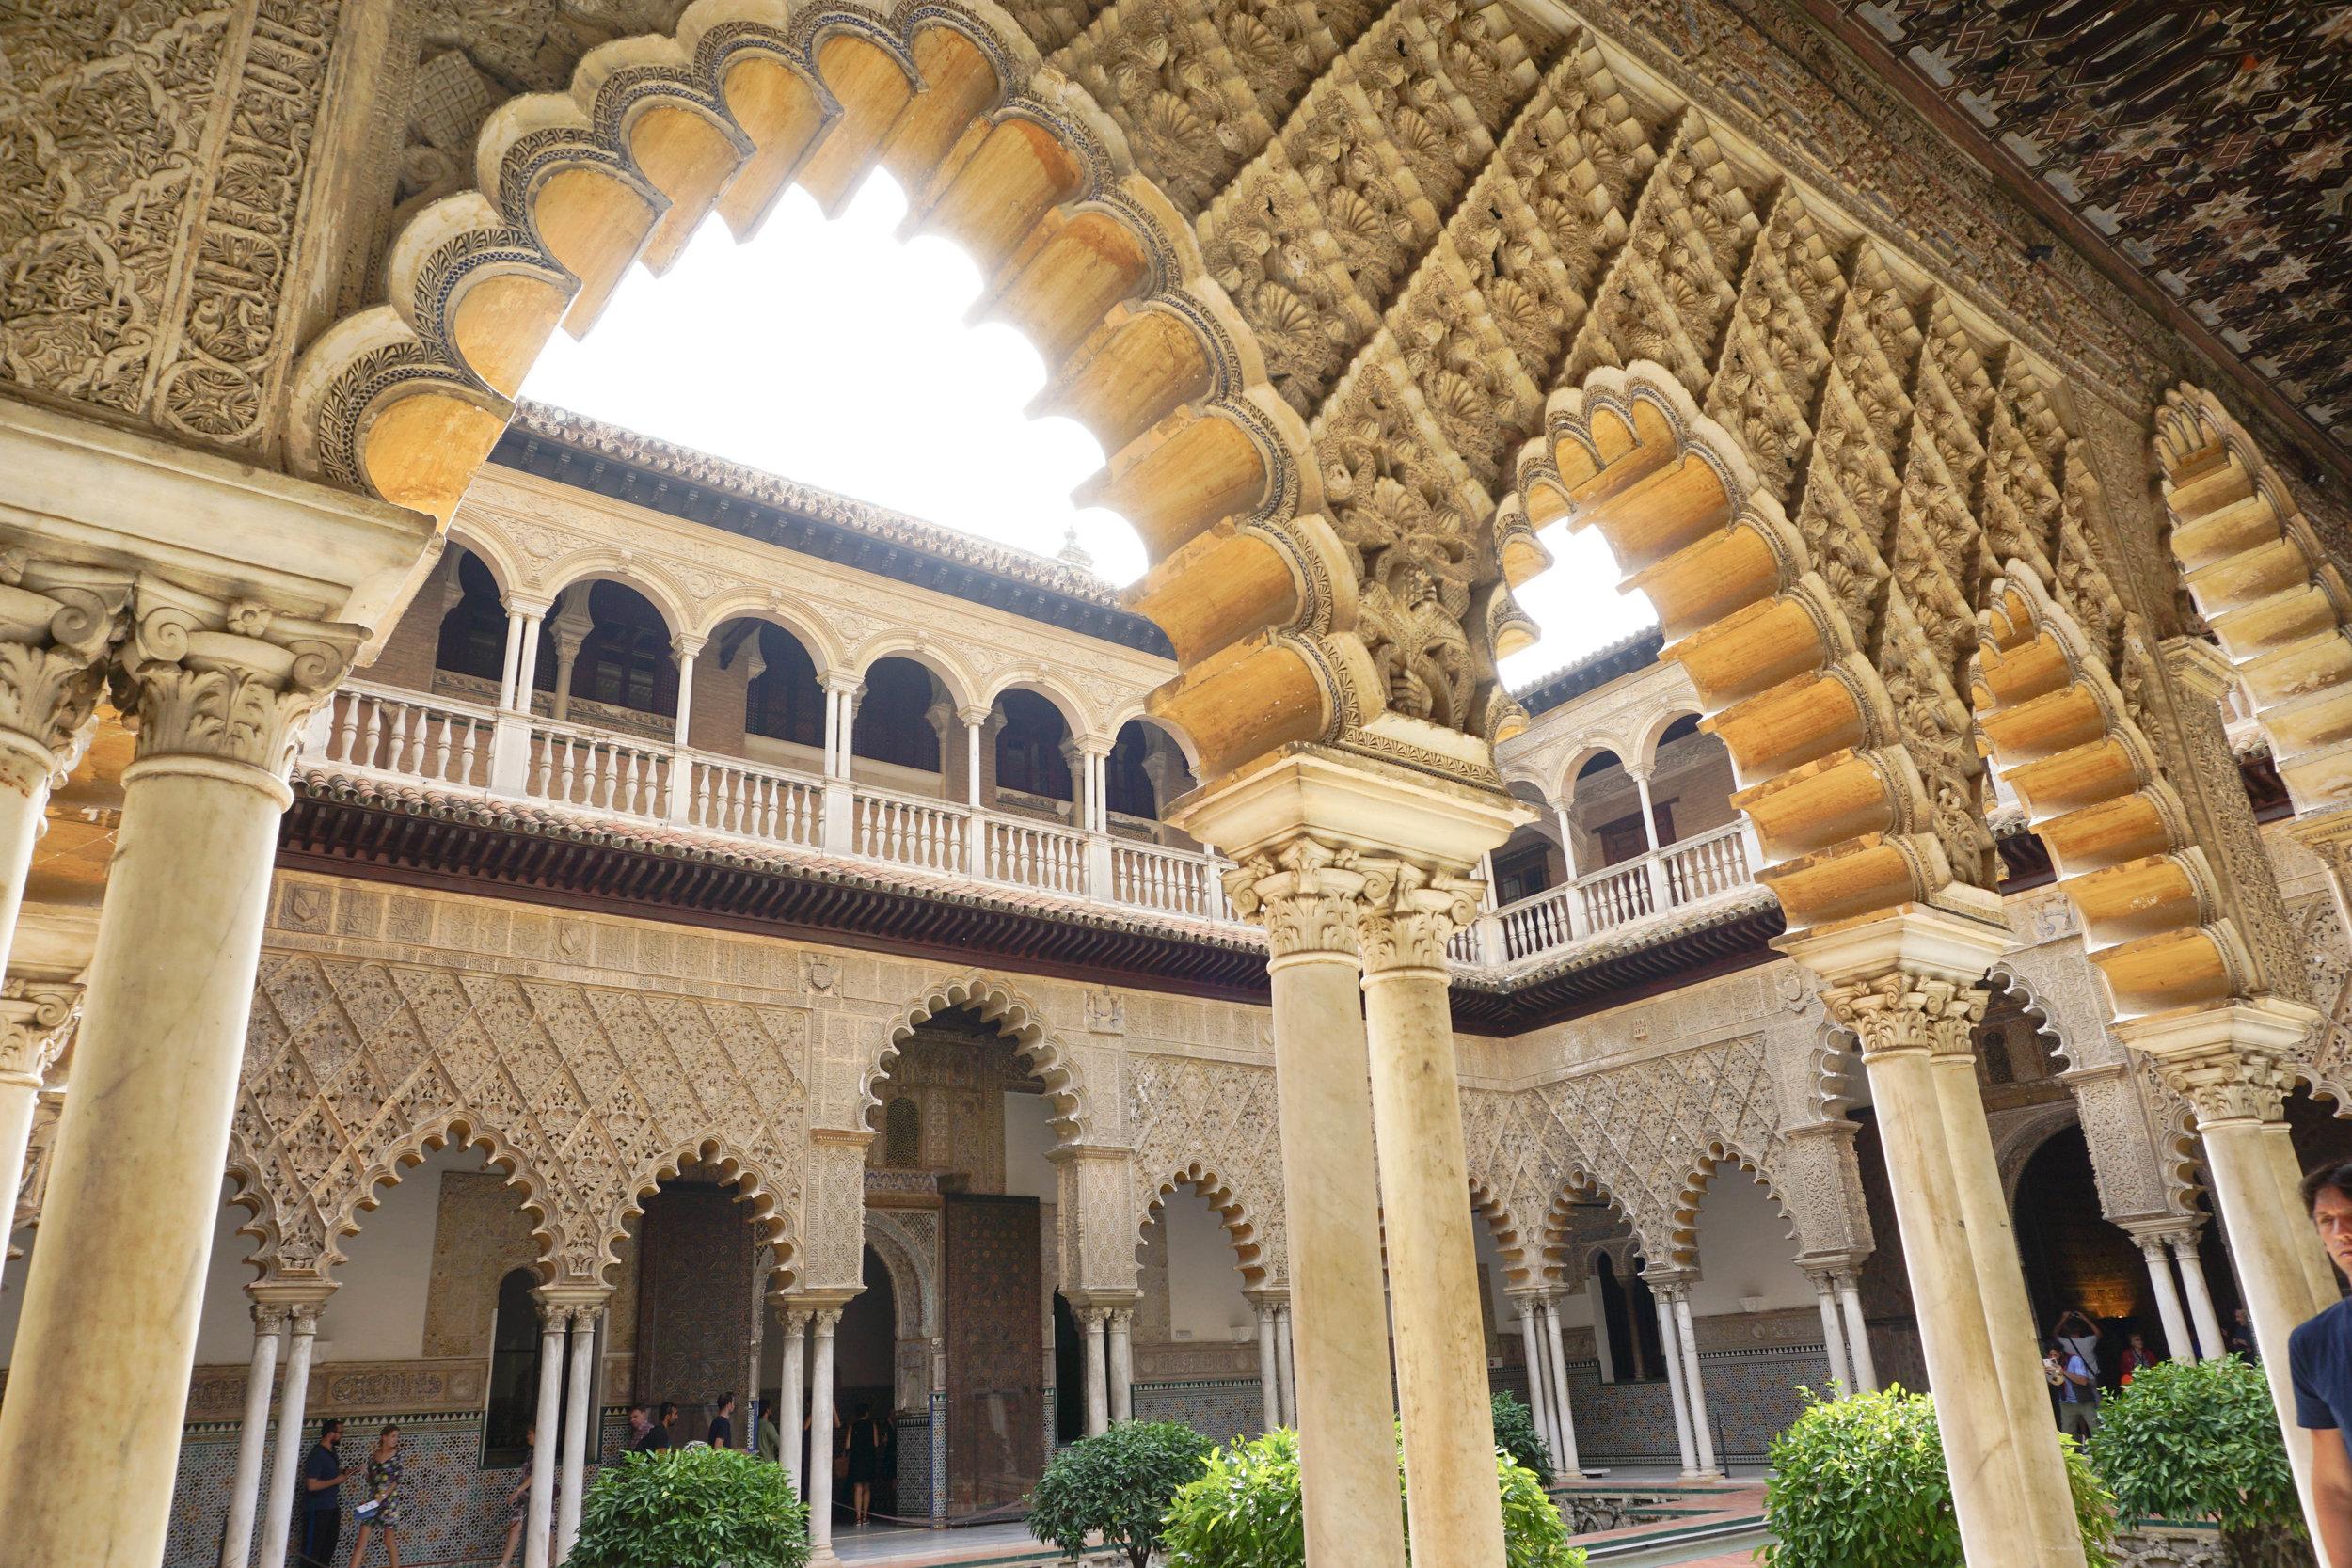 Alcazar, El Real Alcazar Spain. Top 5 places to visit in Seville.